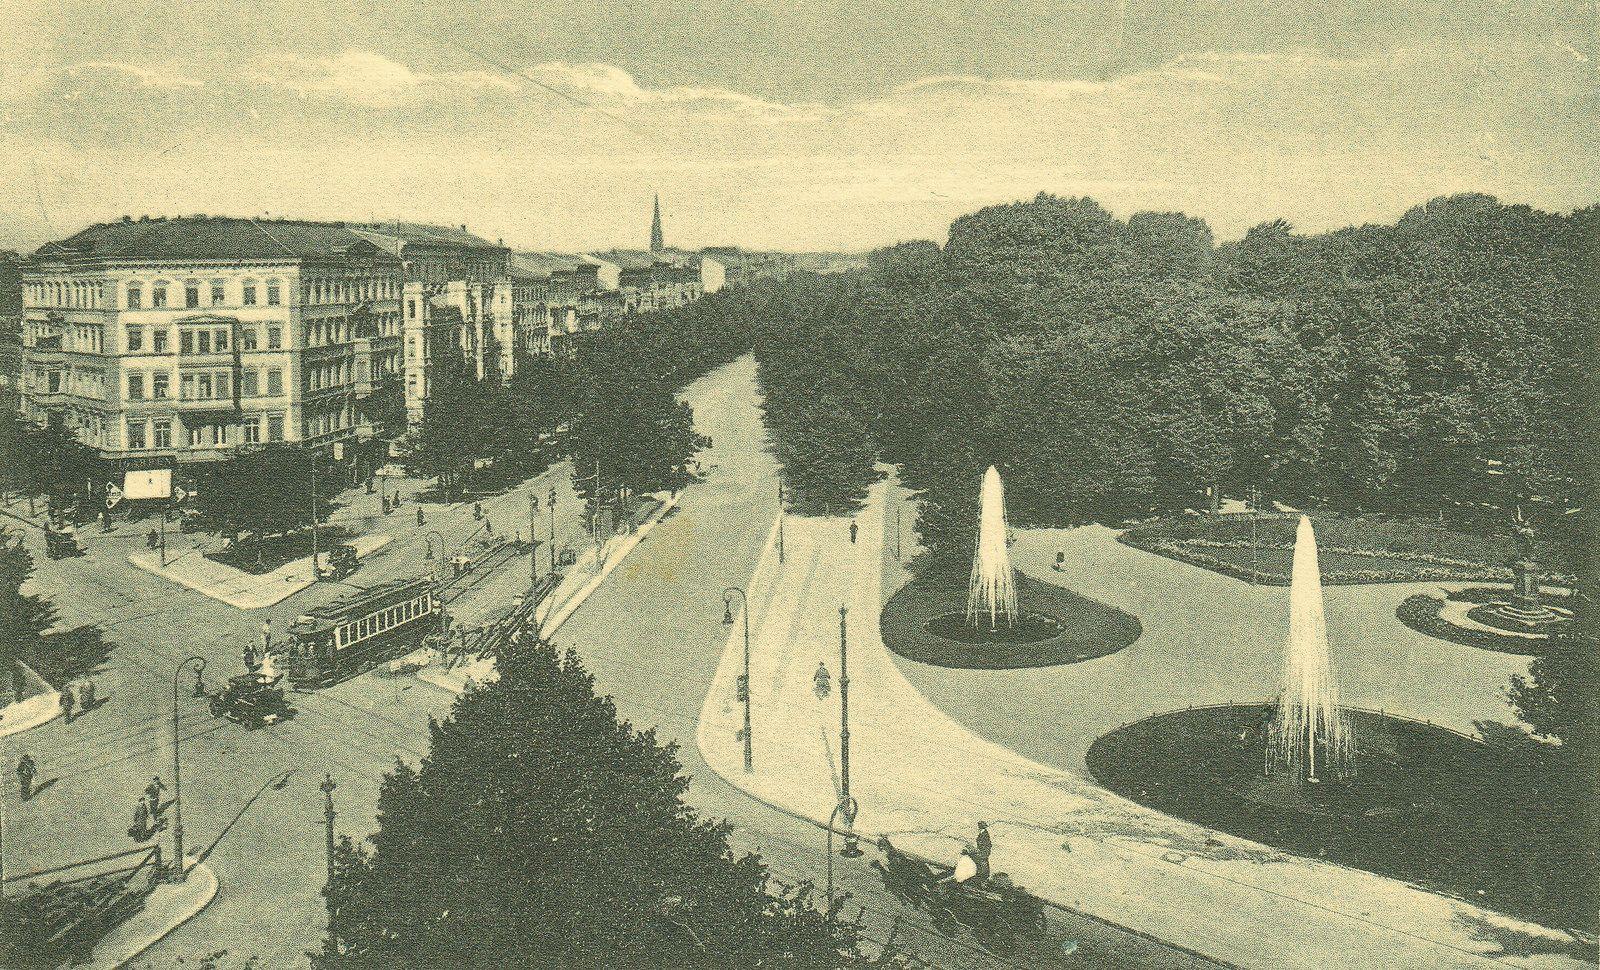 All sizes | Berlin-Friedrichshain, Landsberger Platz, 1930 | Flickr - Photo Sharing!